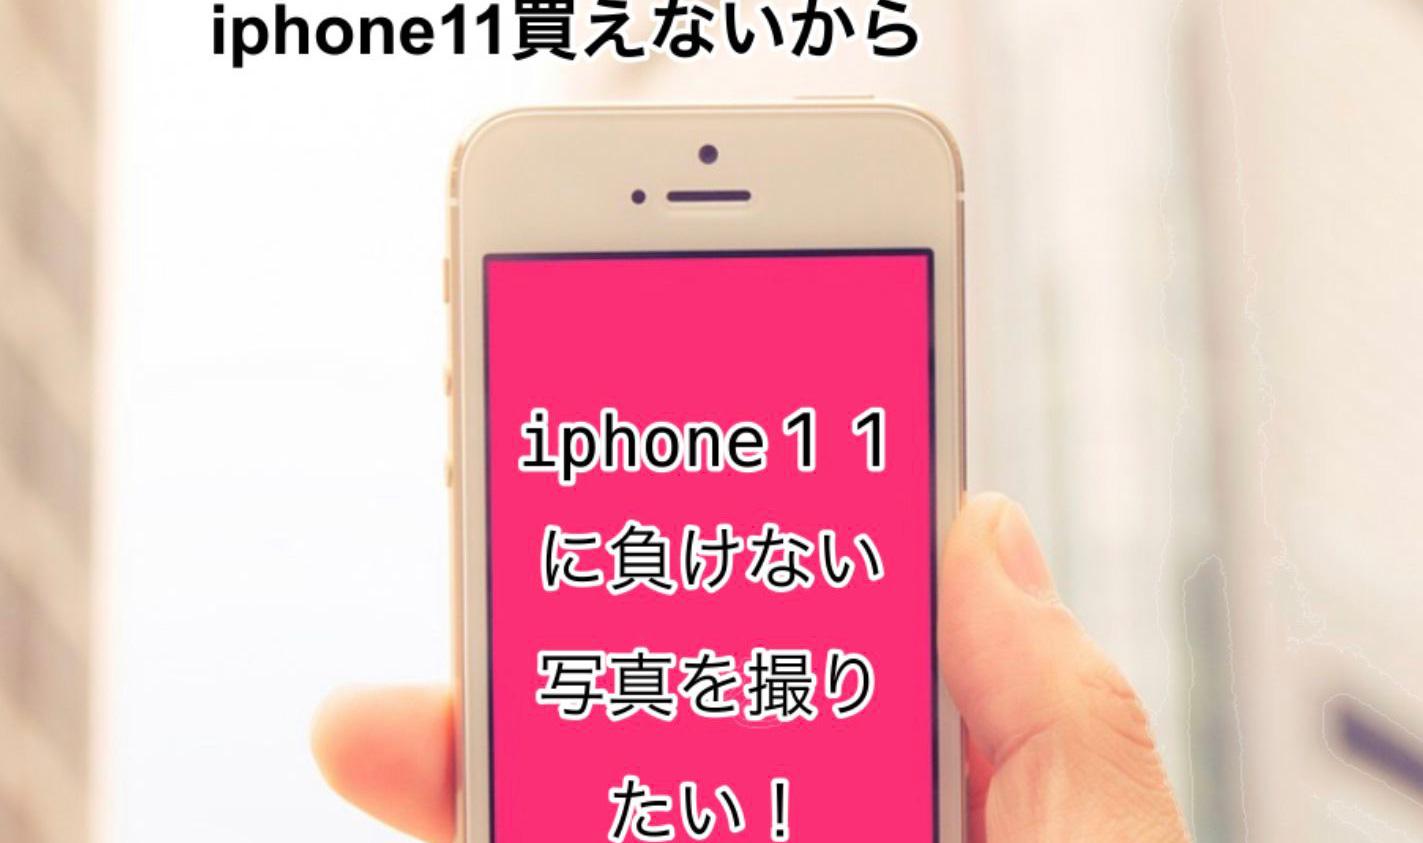 iPhone11 に負けない写真を撮りたい!